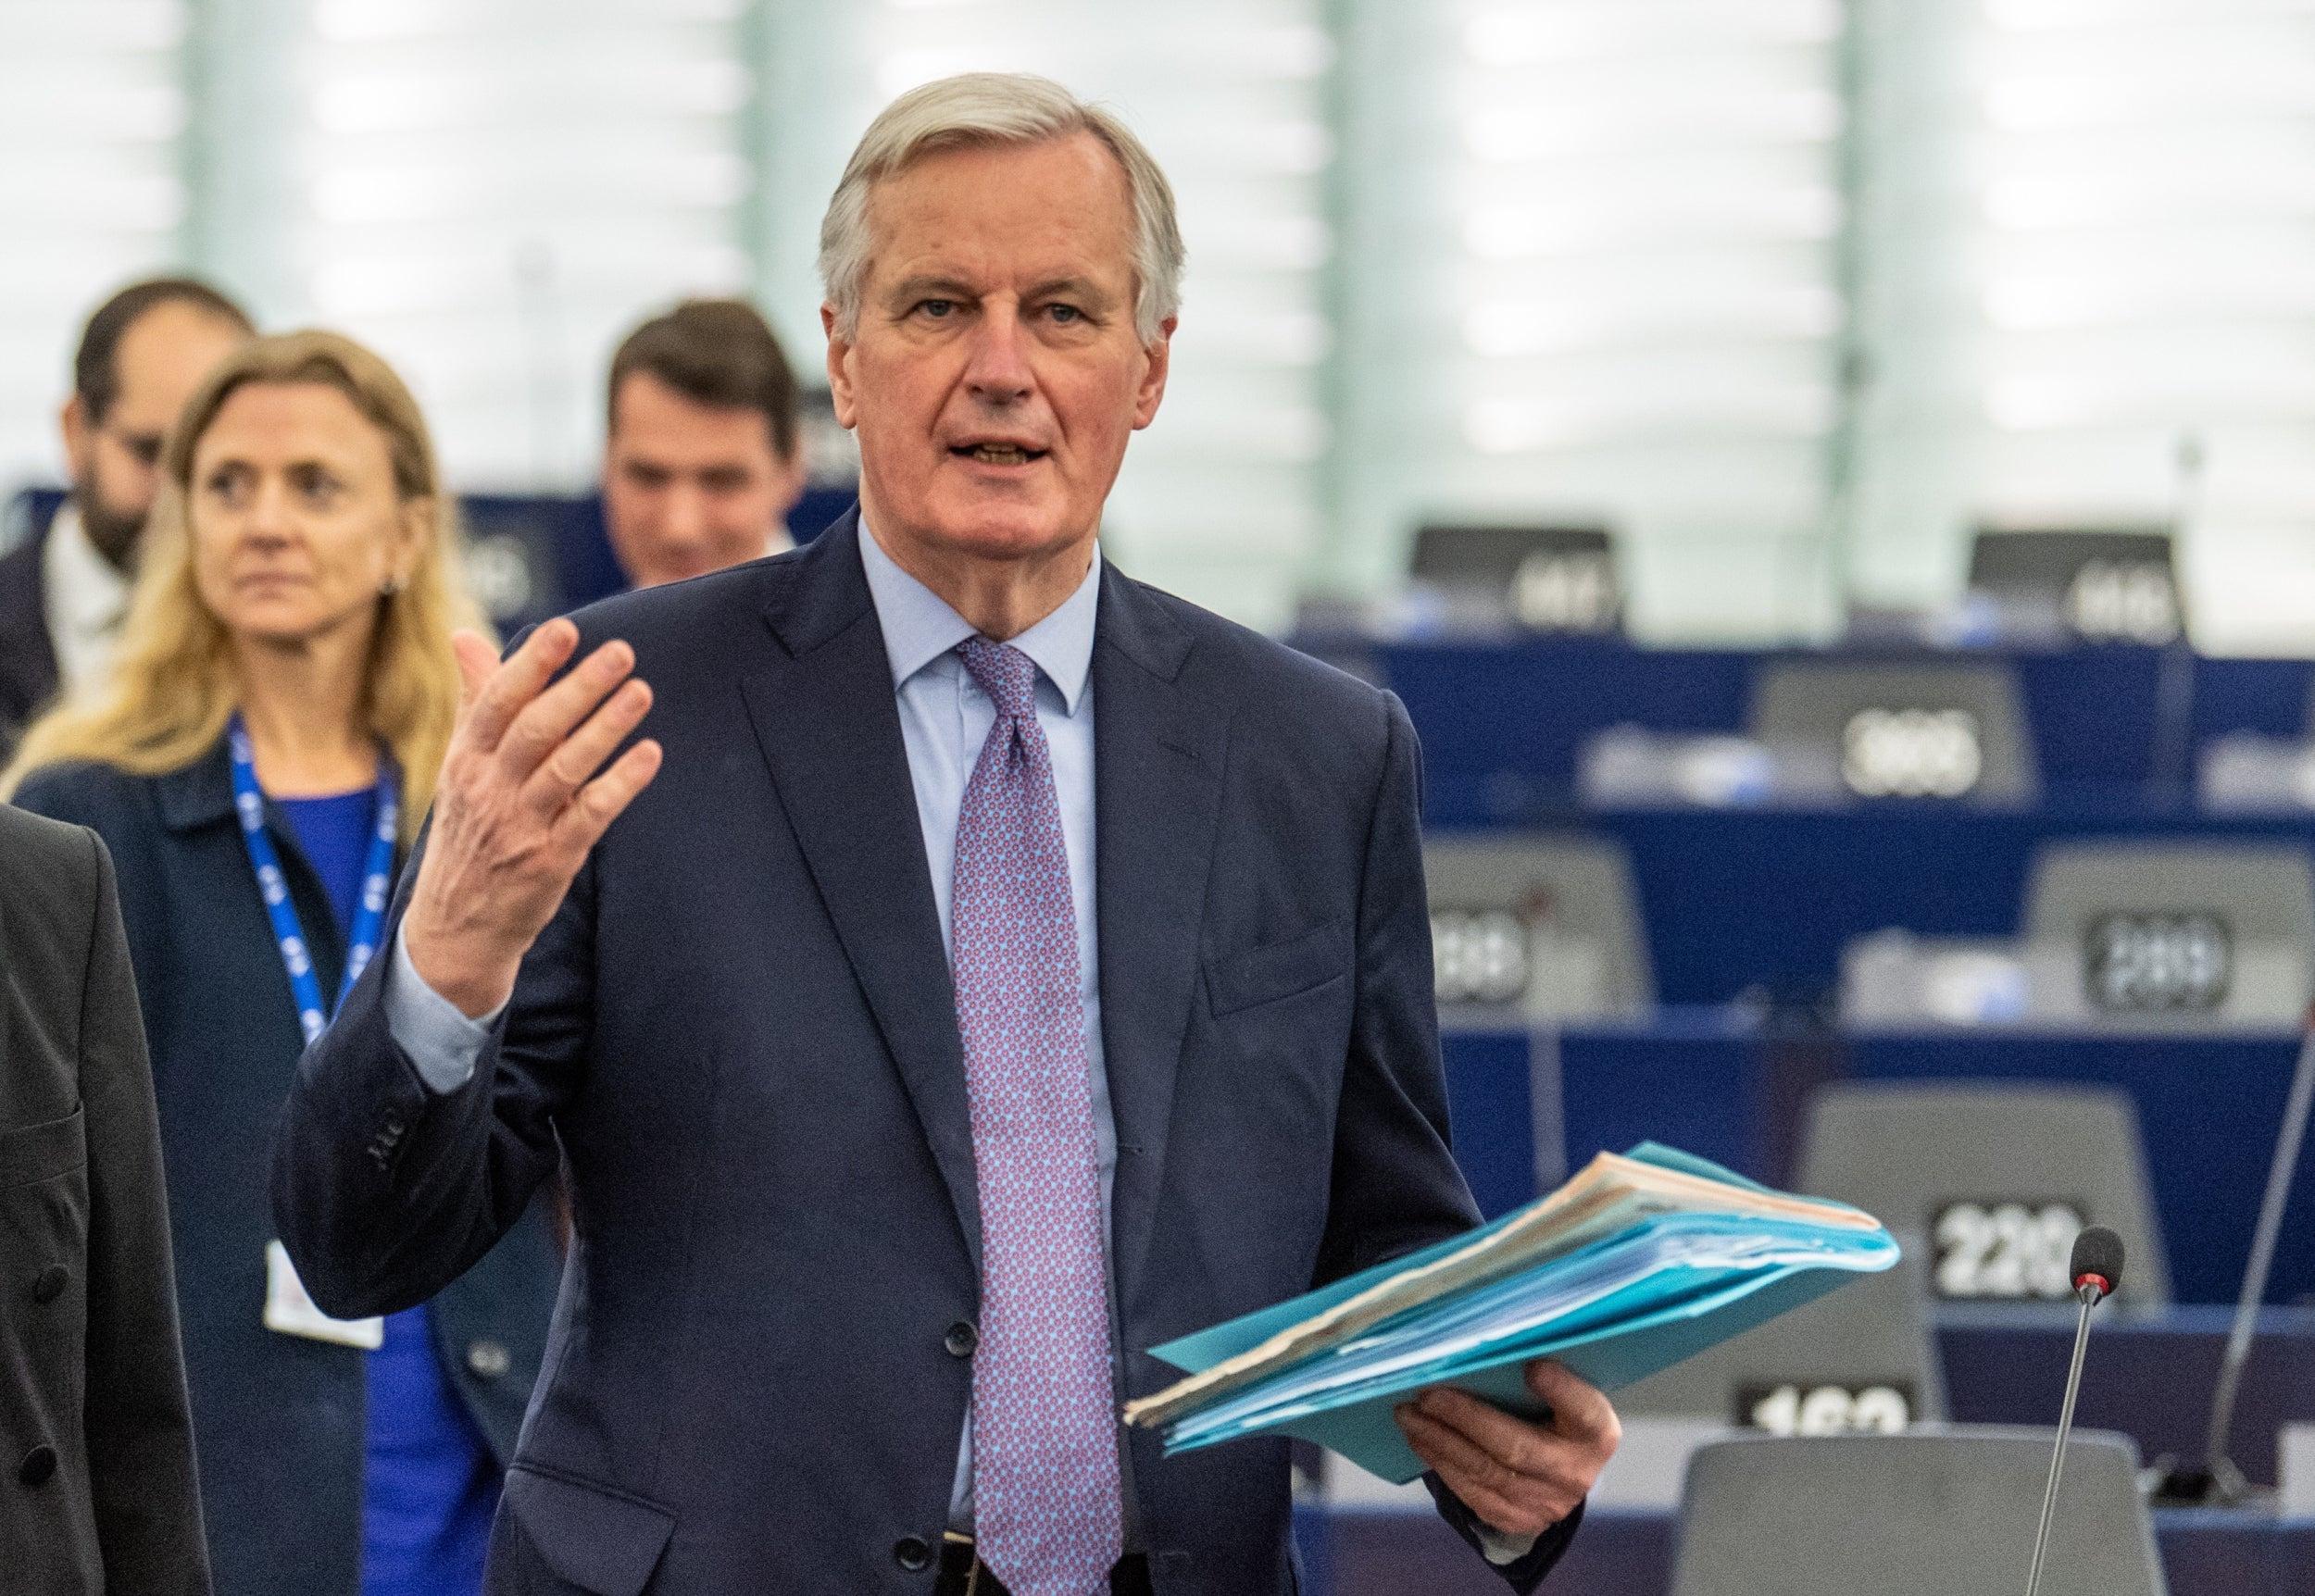 Michel Barnier rebuffs Boris Johnson's top negotiator over EU trade deal